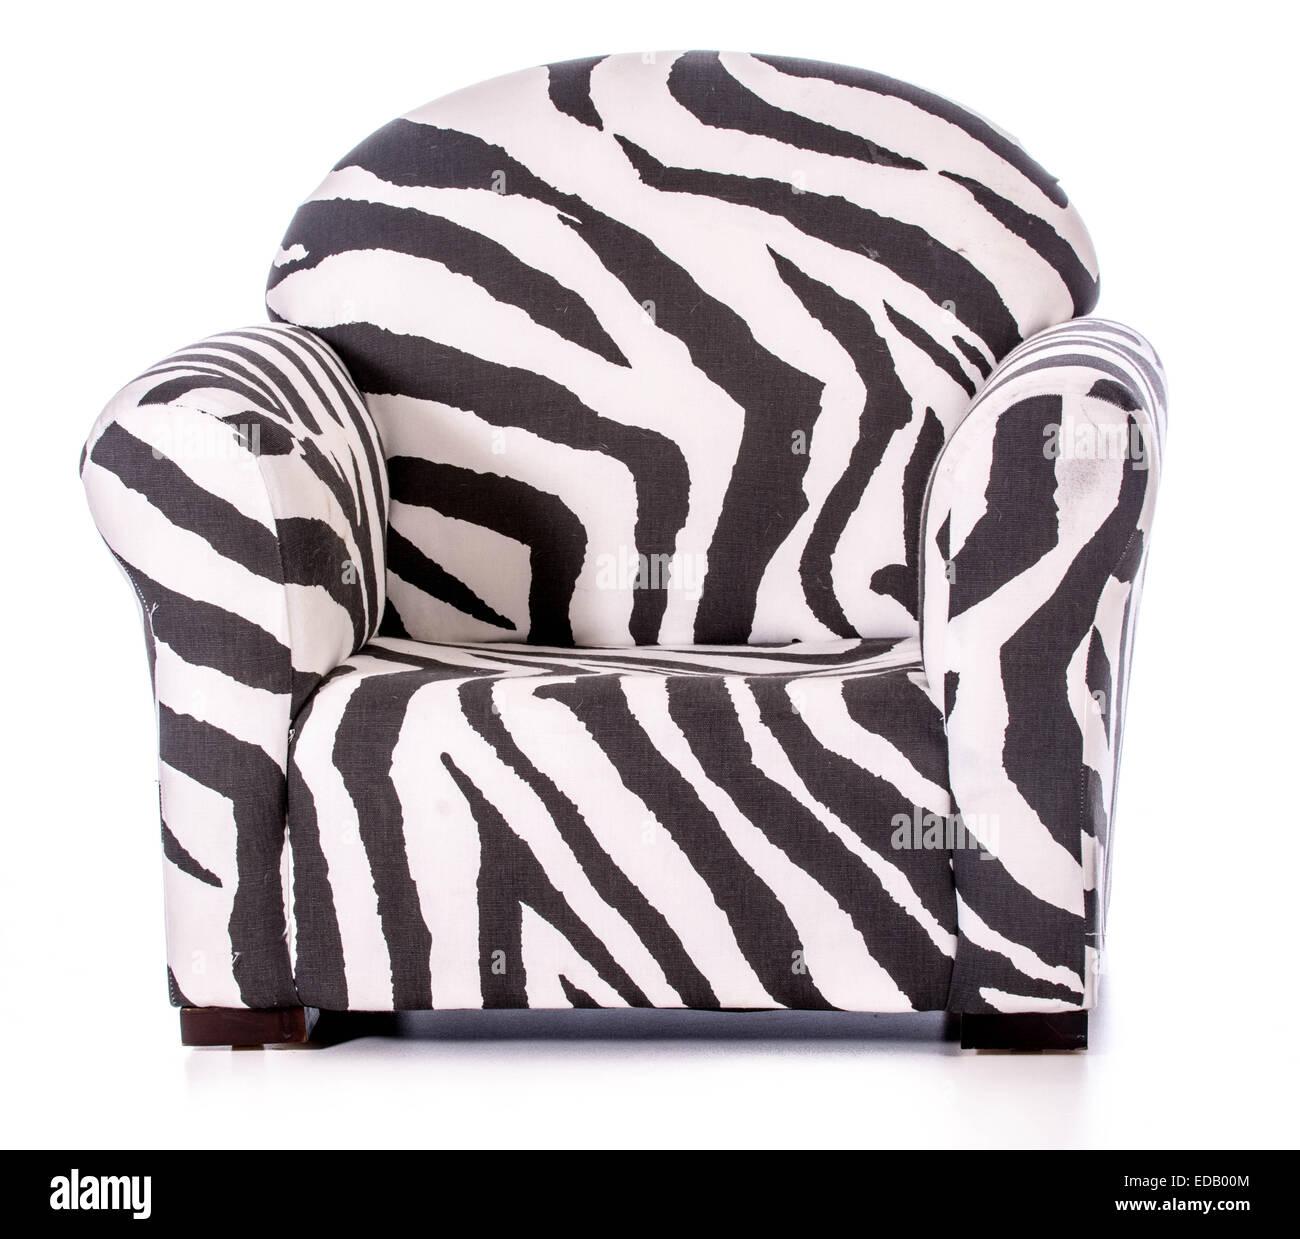 Stampa zebra poltrona isolati su sfondo bianco Immagini Stock